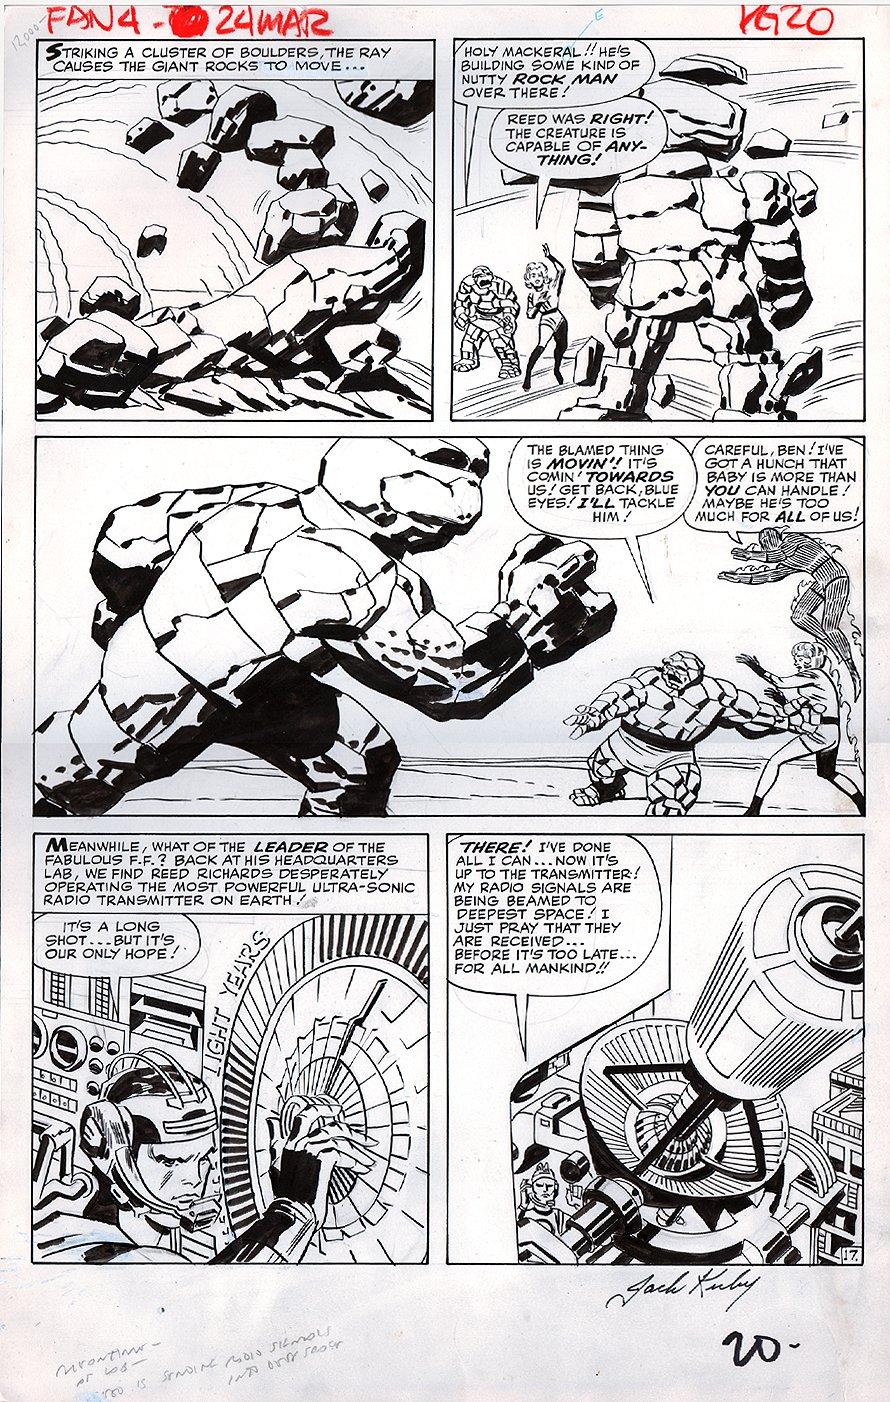 Fantastic Four #24 p 17 (LARGE ART) 1963